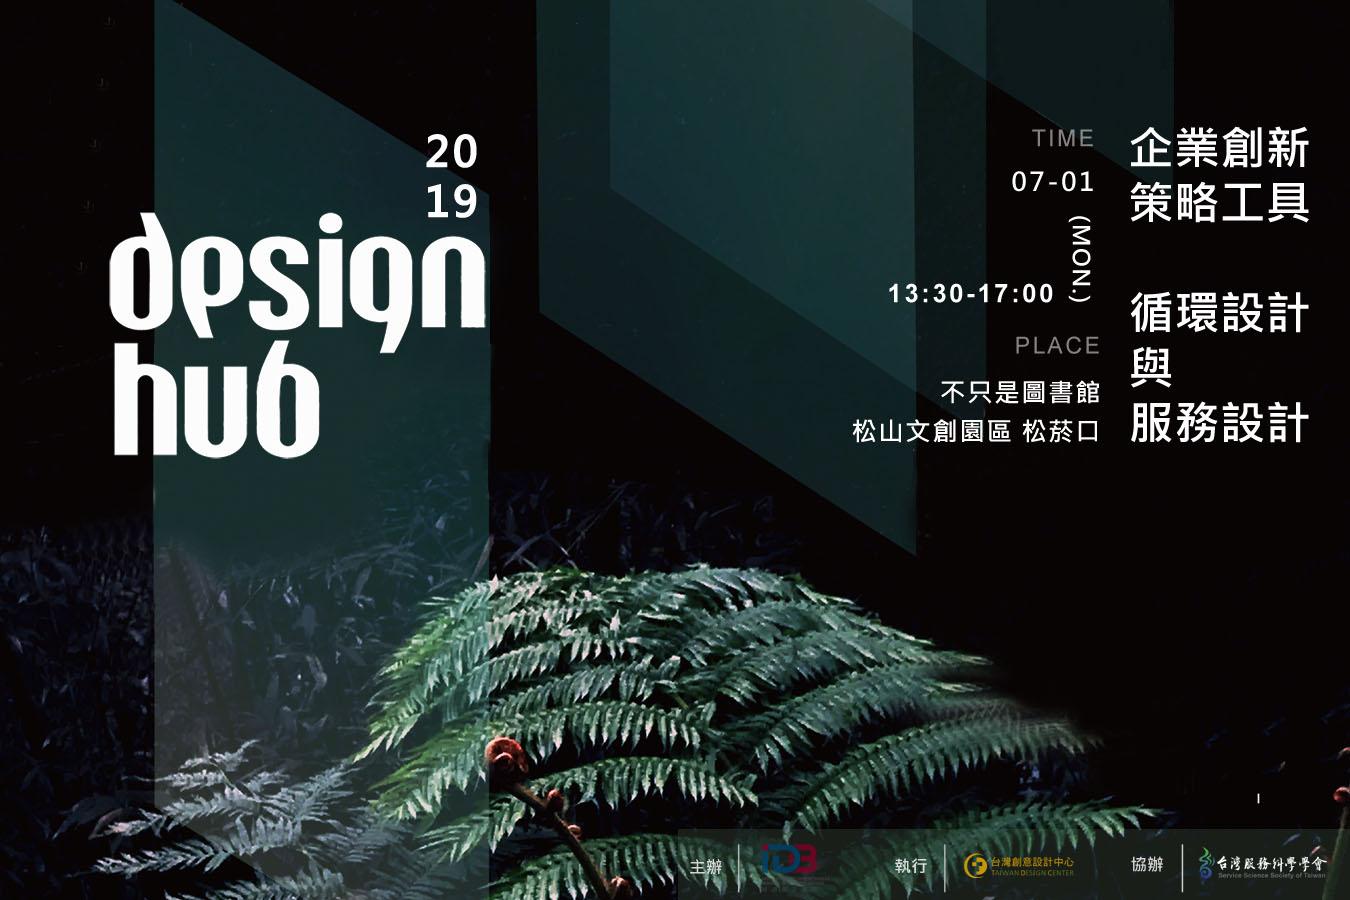 「企業創新策略工具:循環設計與服務設計」免費主題講座 即日起開放報名